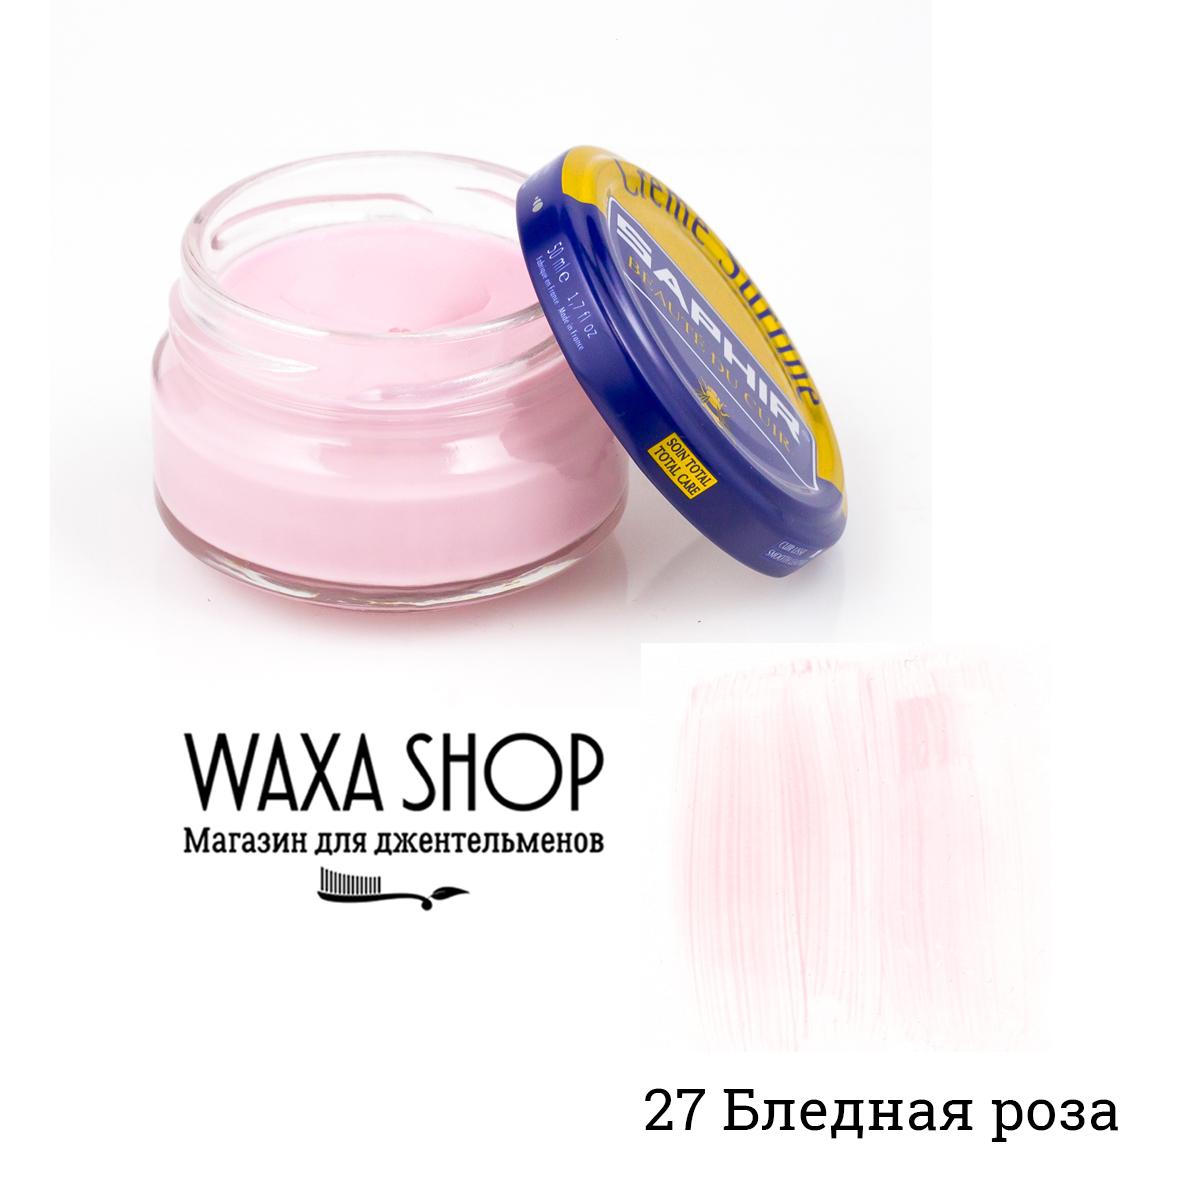 Косметика сапфир для обуви где купить купить косметику органик в интернет магазине